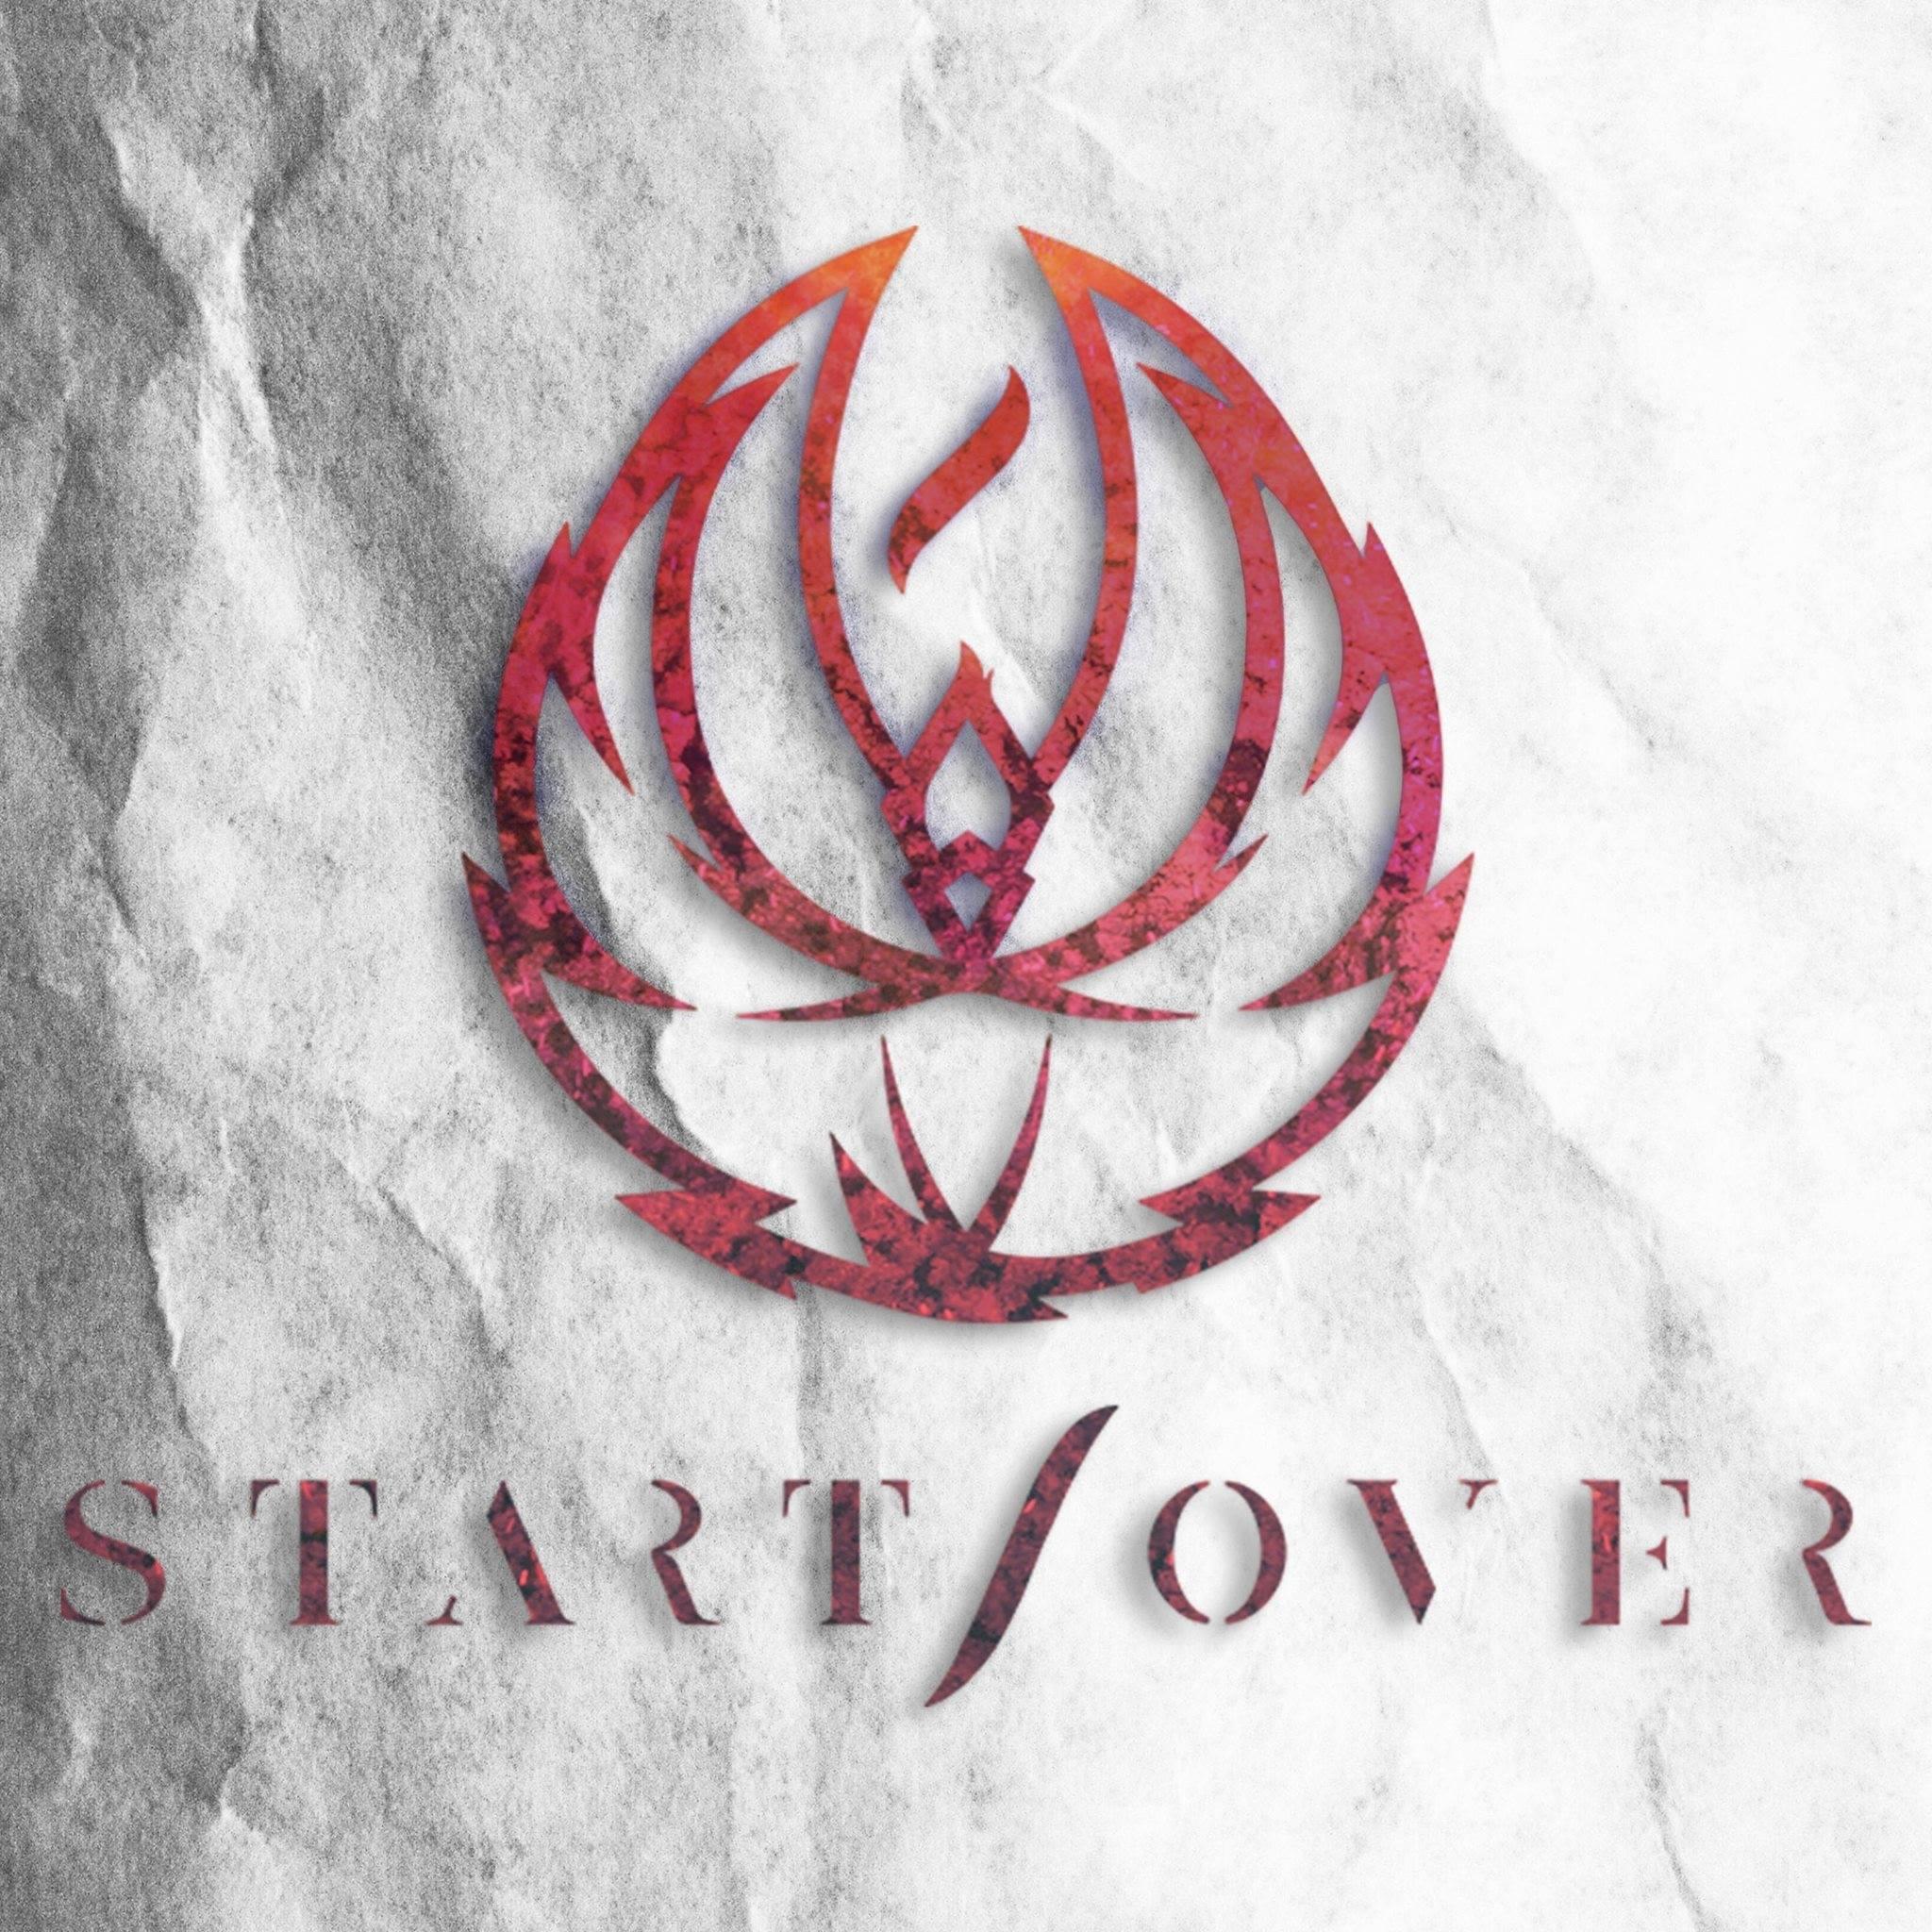 START/OVER